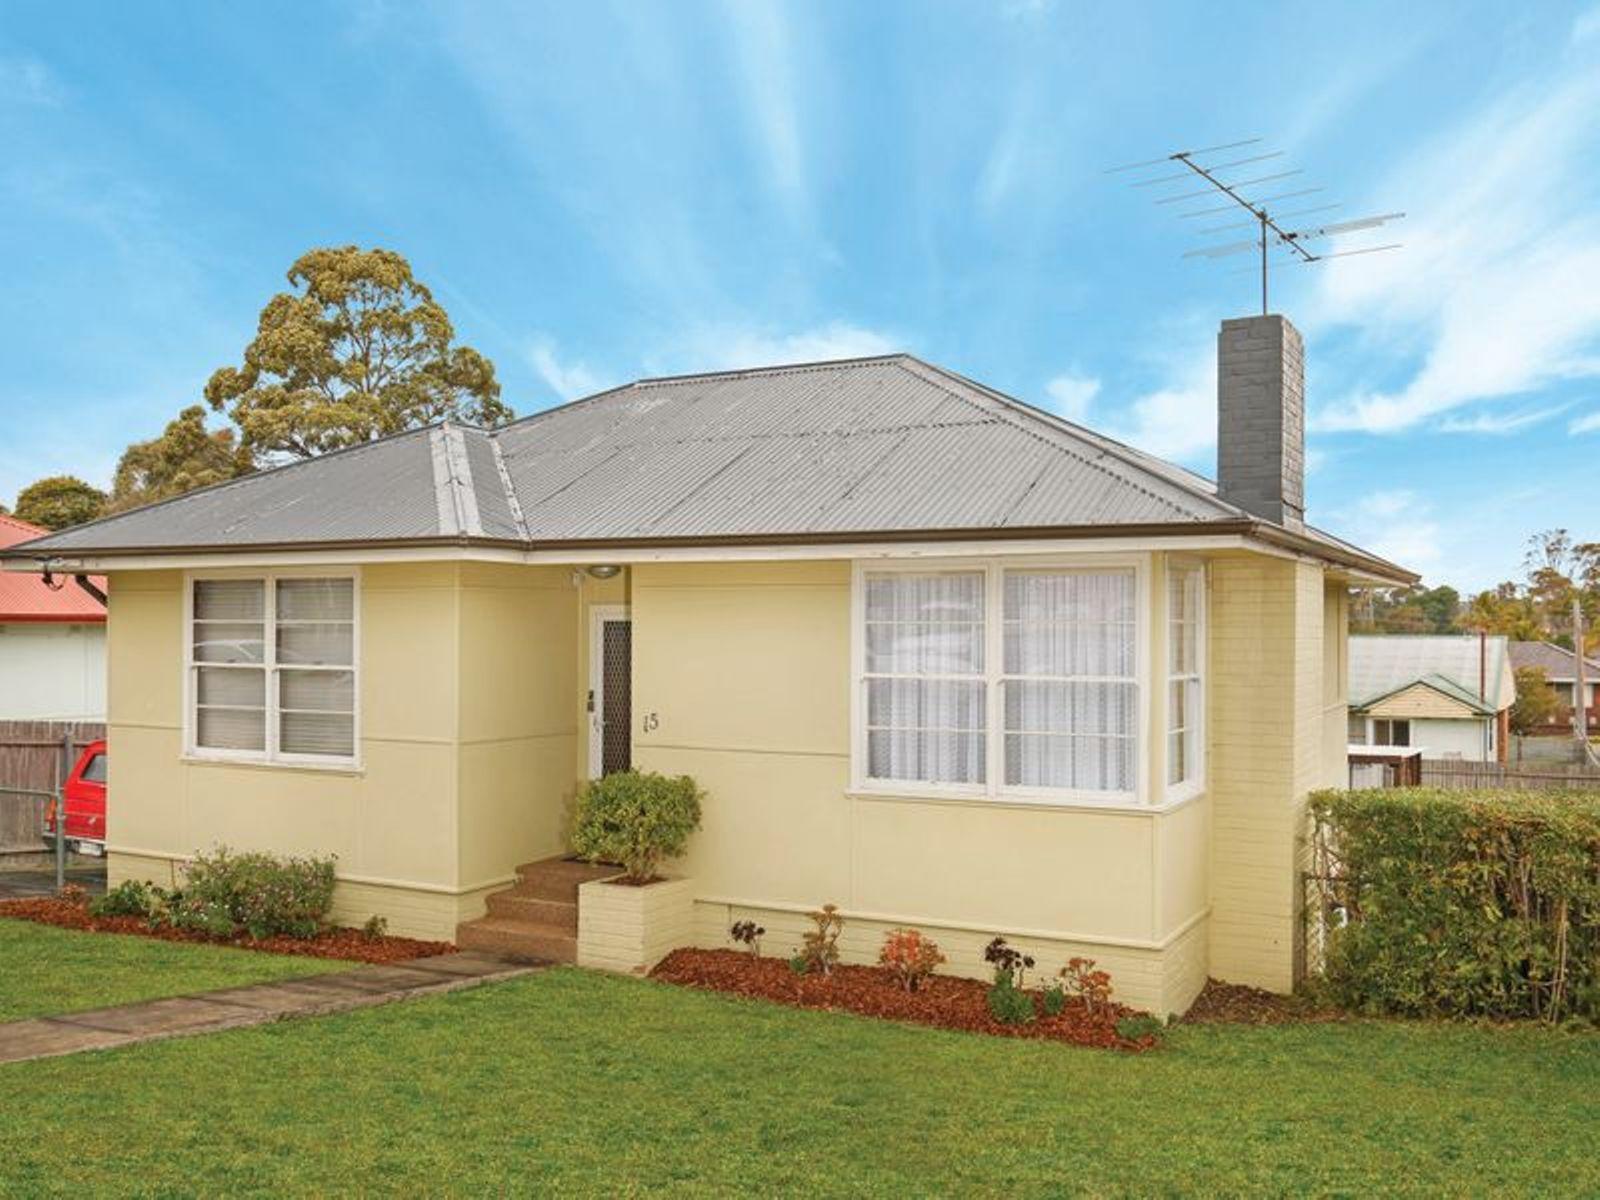 15 Carr Parade, Unanderra, NSW 2526